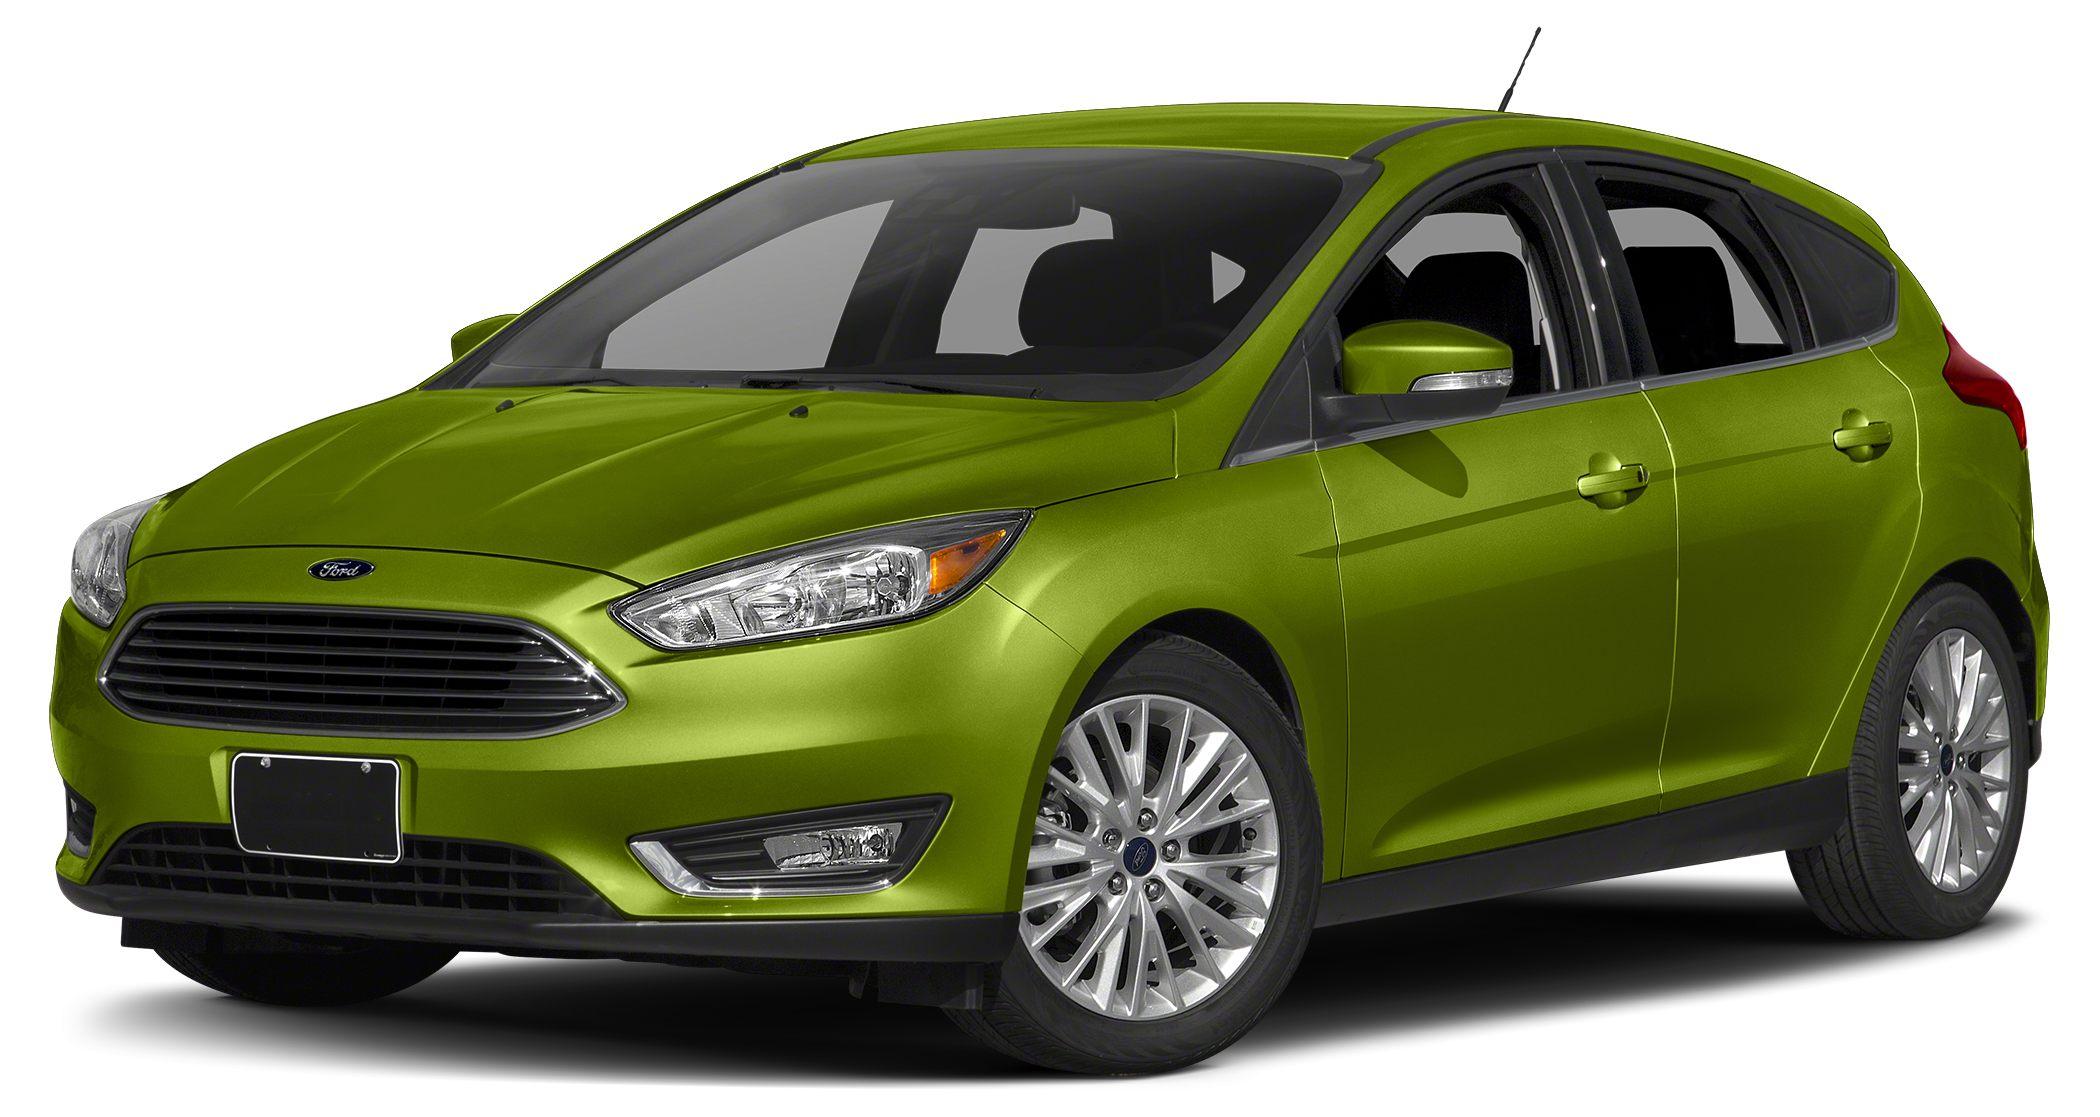 2016 Ford Focus Titanium 18 Premium Painted Aluminum Wheels Power Moonroof and Voice-Activated N